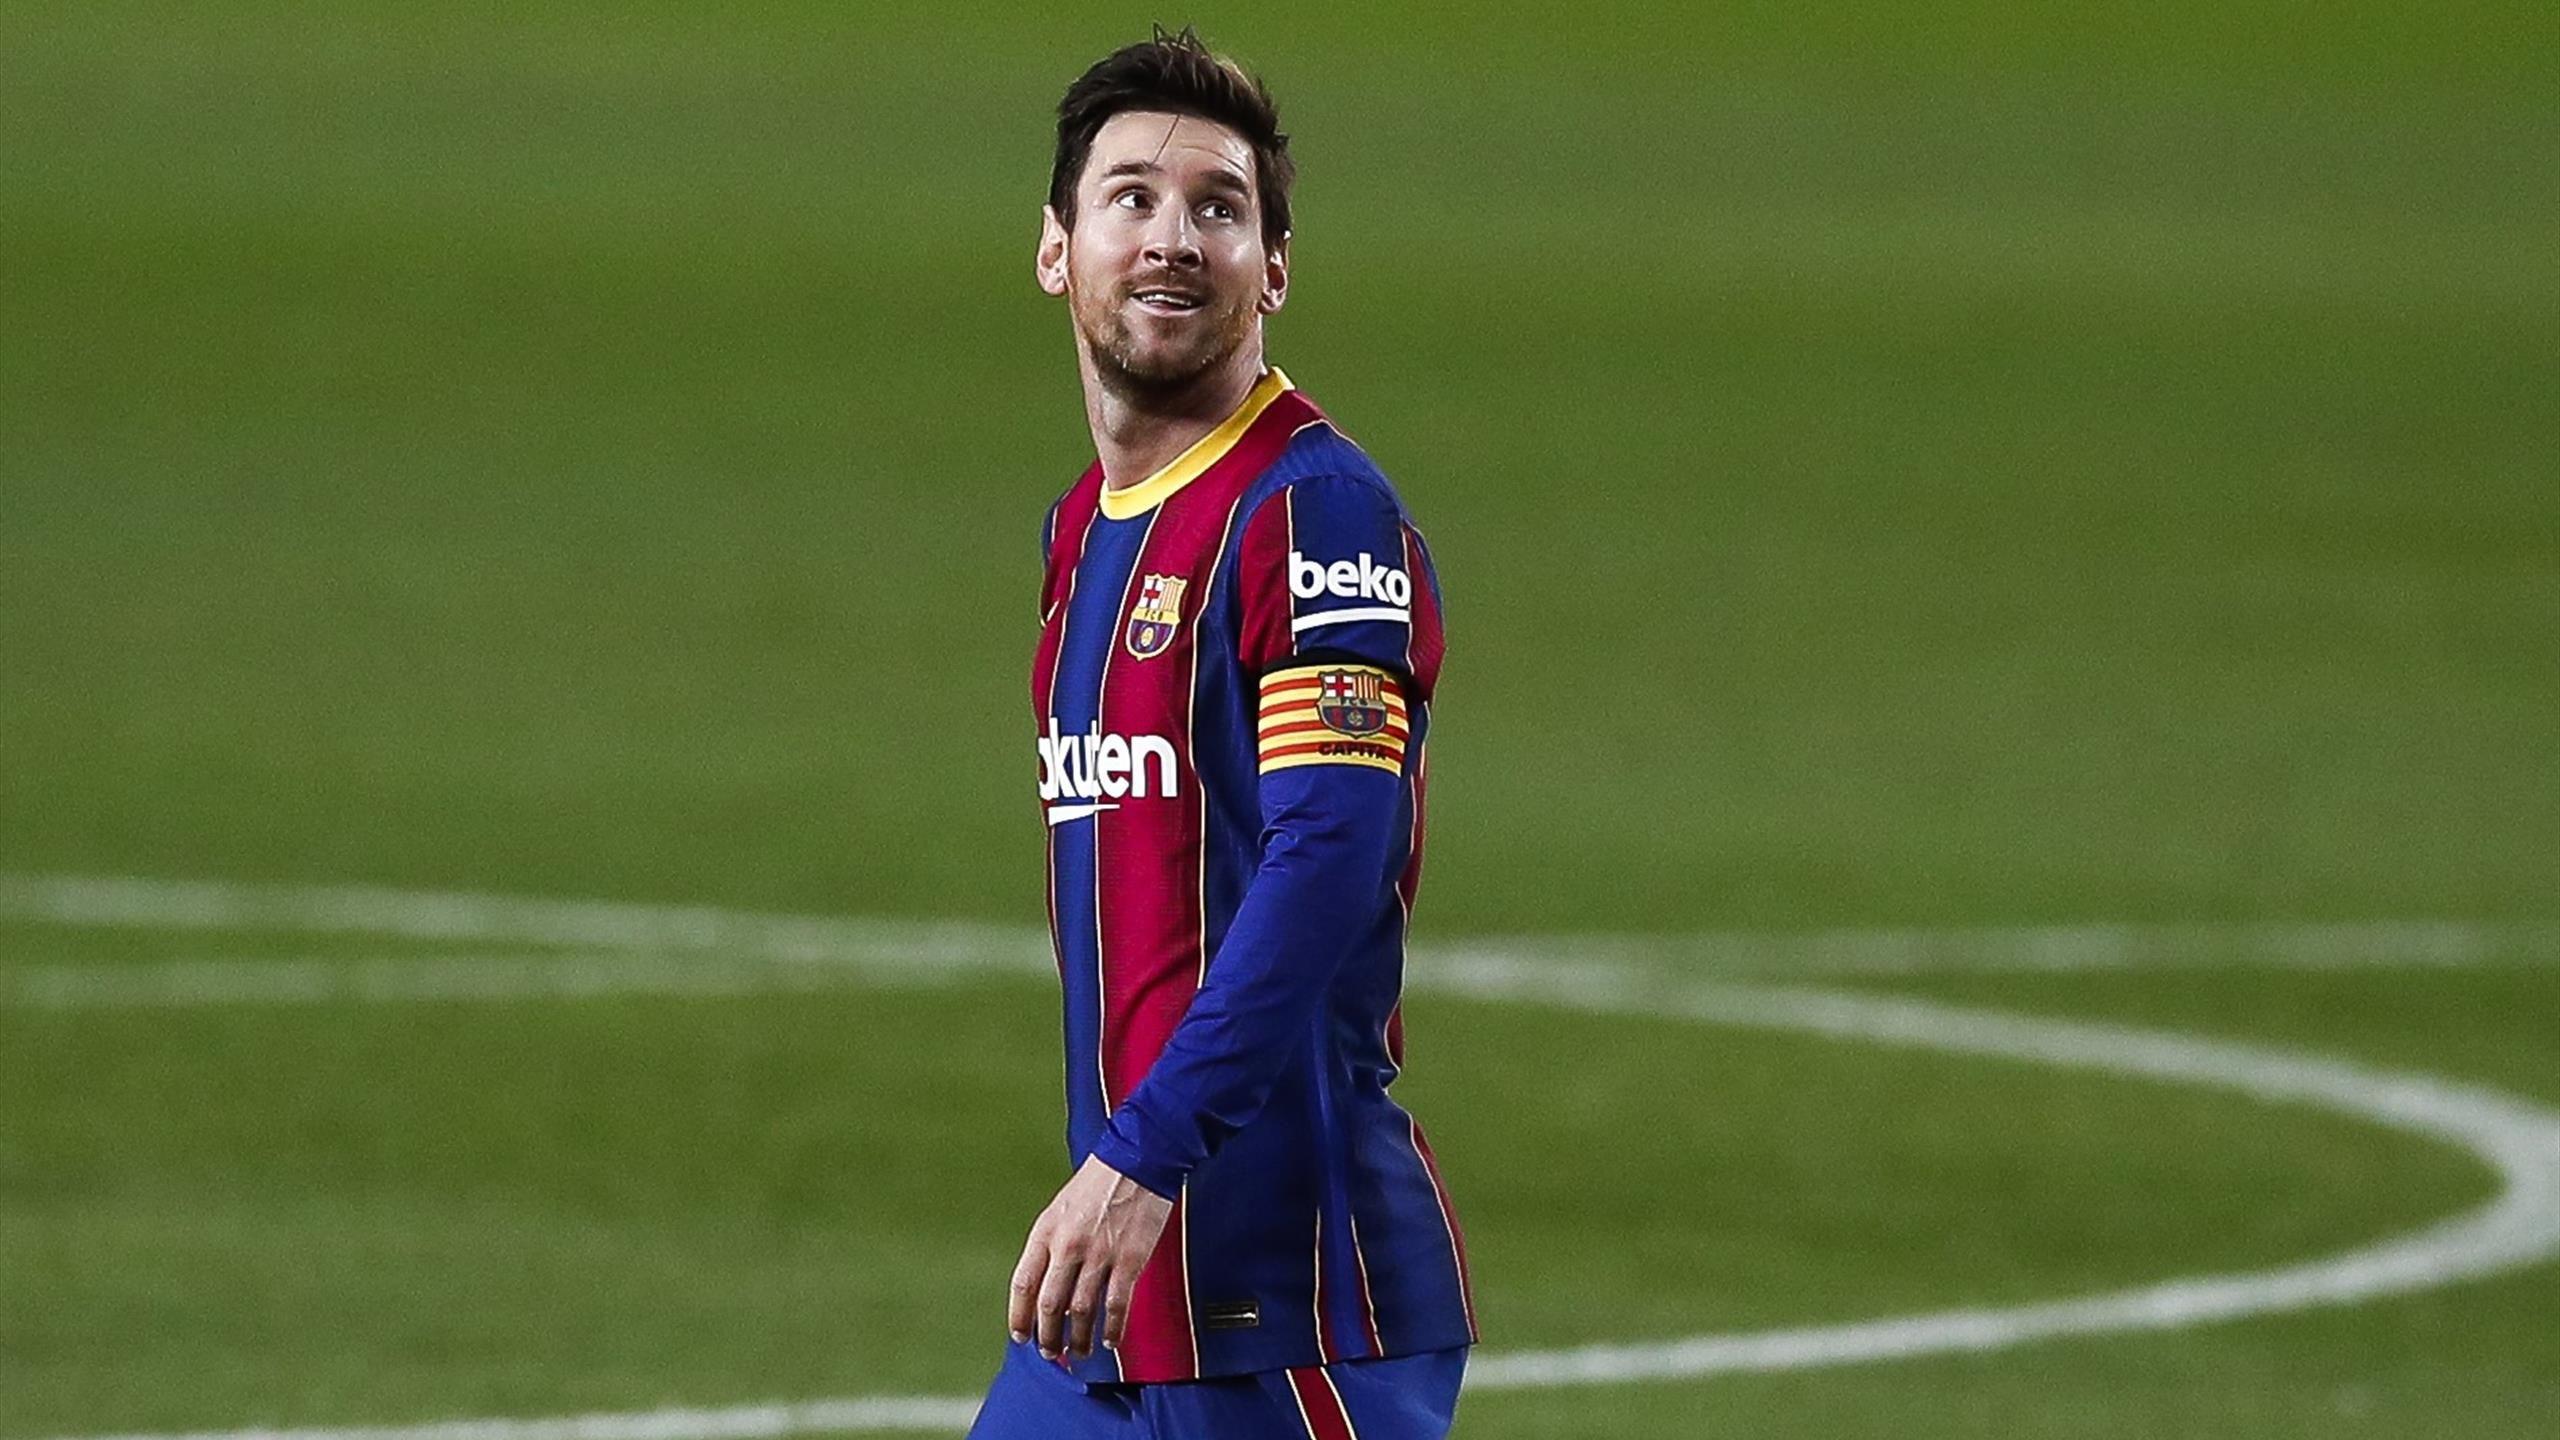 Mercato : Lionel Messi (Barça) au PSG ? Leonardo et Neymar y travaillent depuis cet été